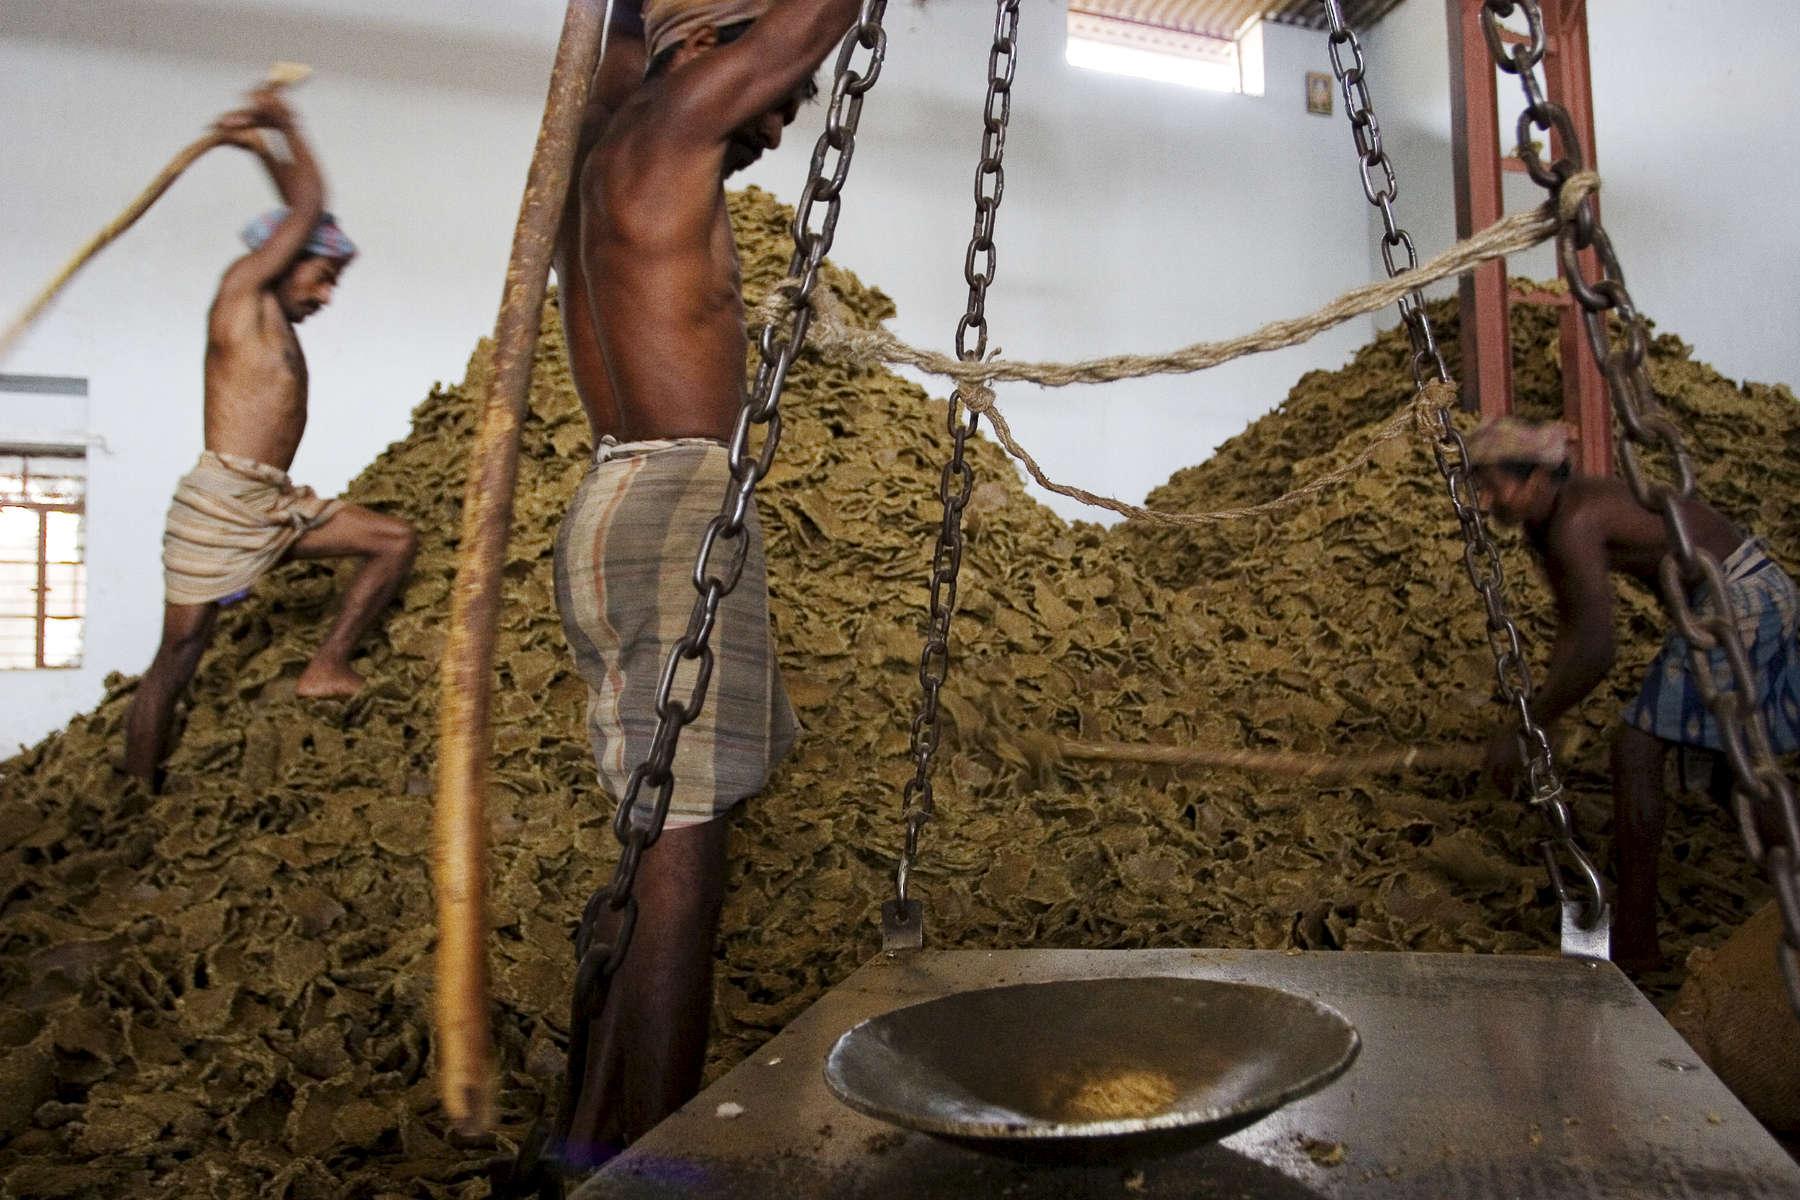 12.21.06 Oil Mills, Hyderabad, Andhra Pradesh, India.Cette usine, achete les graines de coton. Une fois les graines compressees, l'huile (12%) sera rafinee puis vendue sur le marche local comme huile vegtale de cuisine.Ici, la partie dure restante (80 %)  apellee {quote}oil cake{quote}, sera vendu aux fermiers comme aliment pour le betail (vaches, bufles, chevres....).